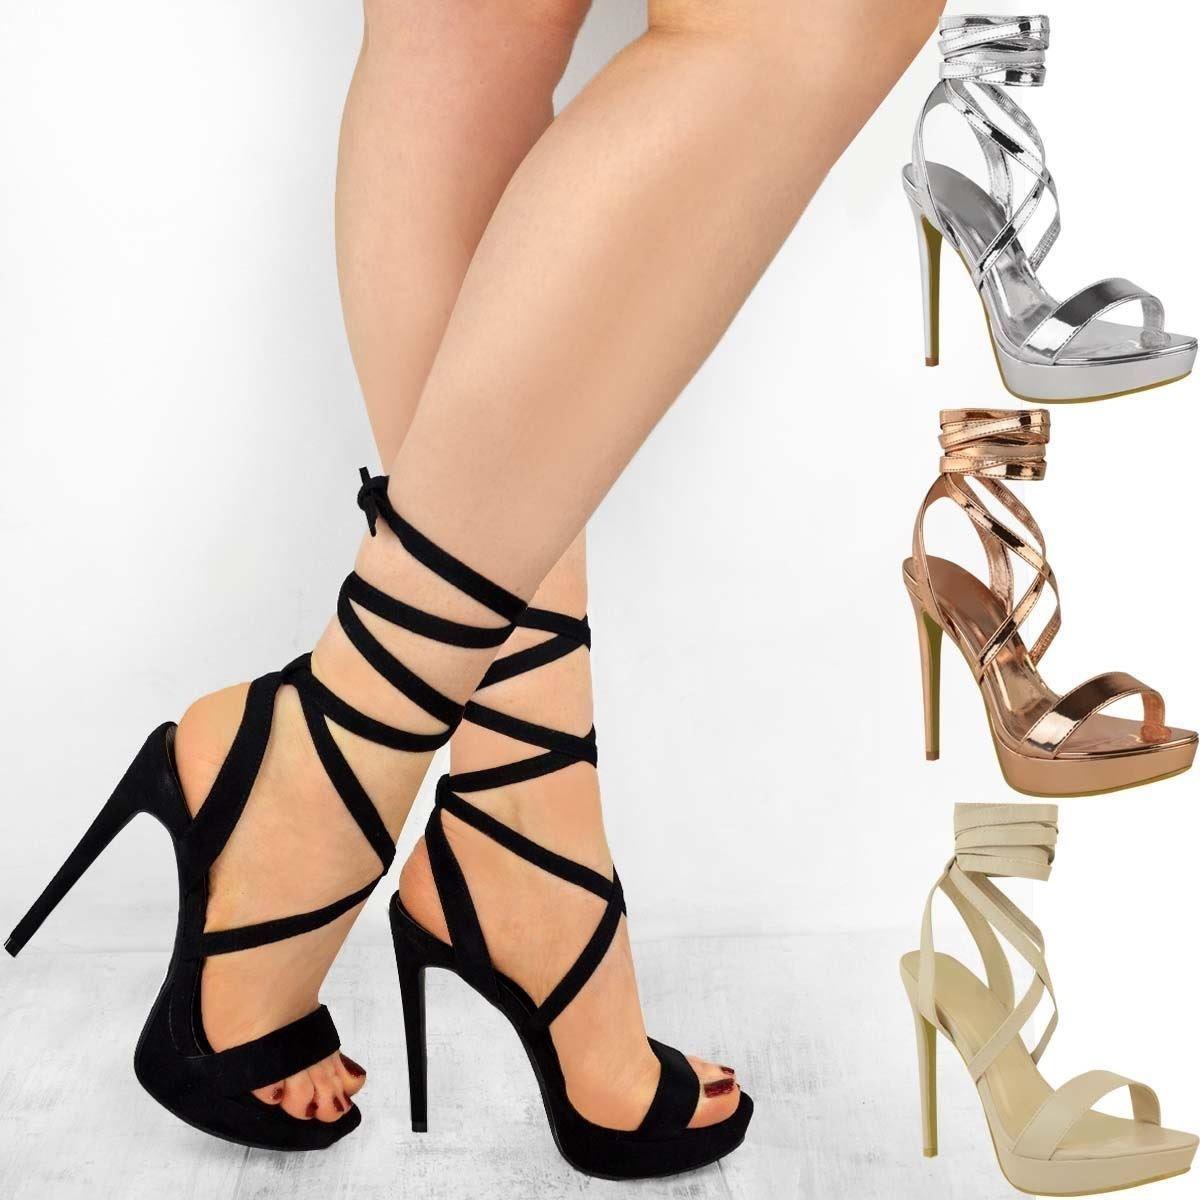 6a0affc5 zapatos plataforma tacon alto sexy ocasion fiesta elegante. Cargando zoom.